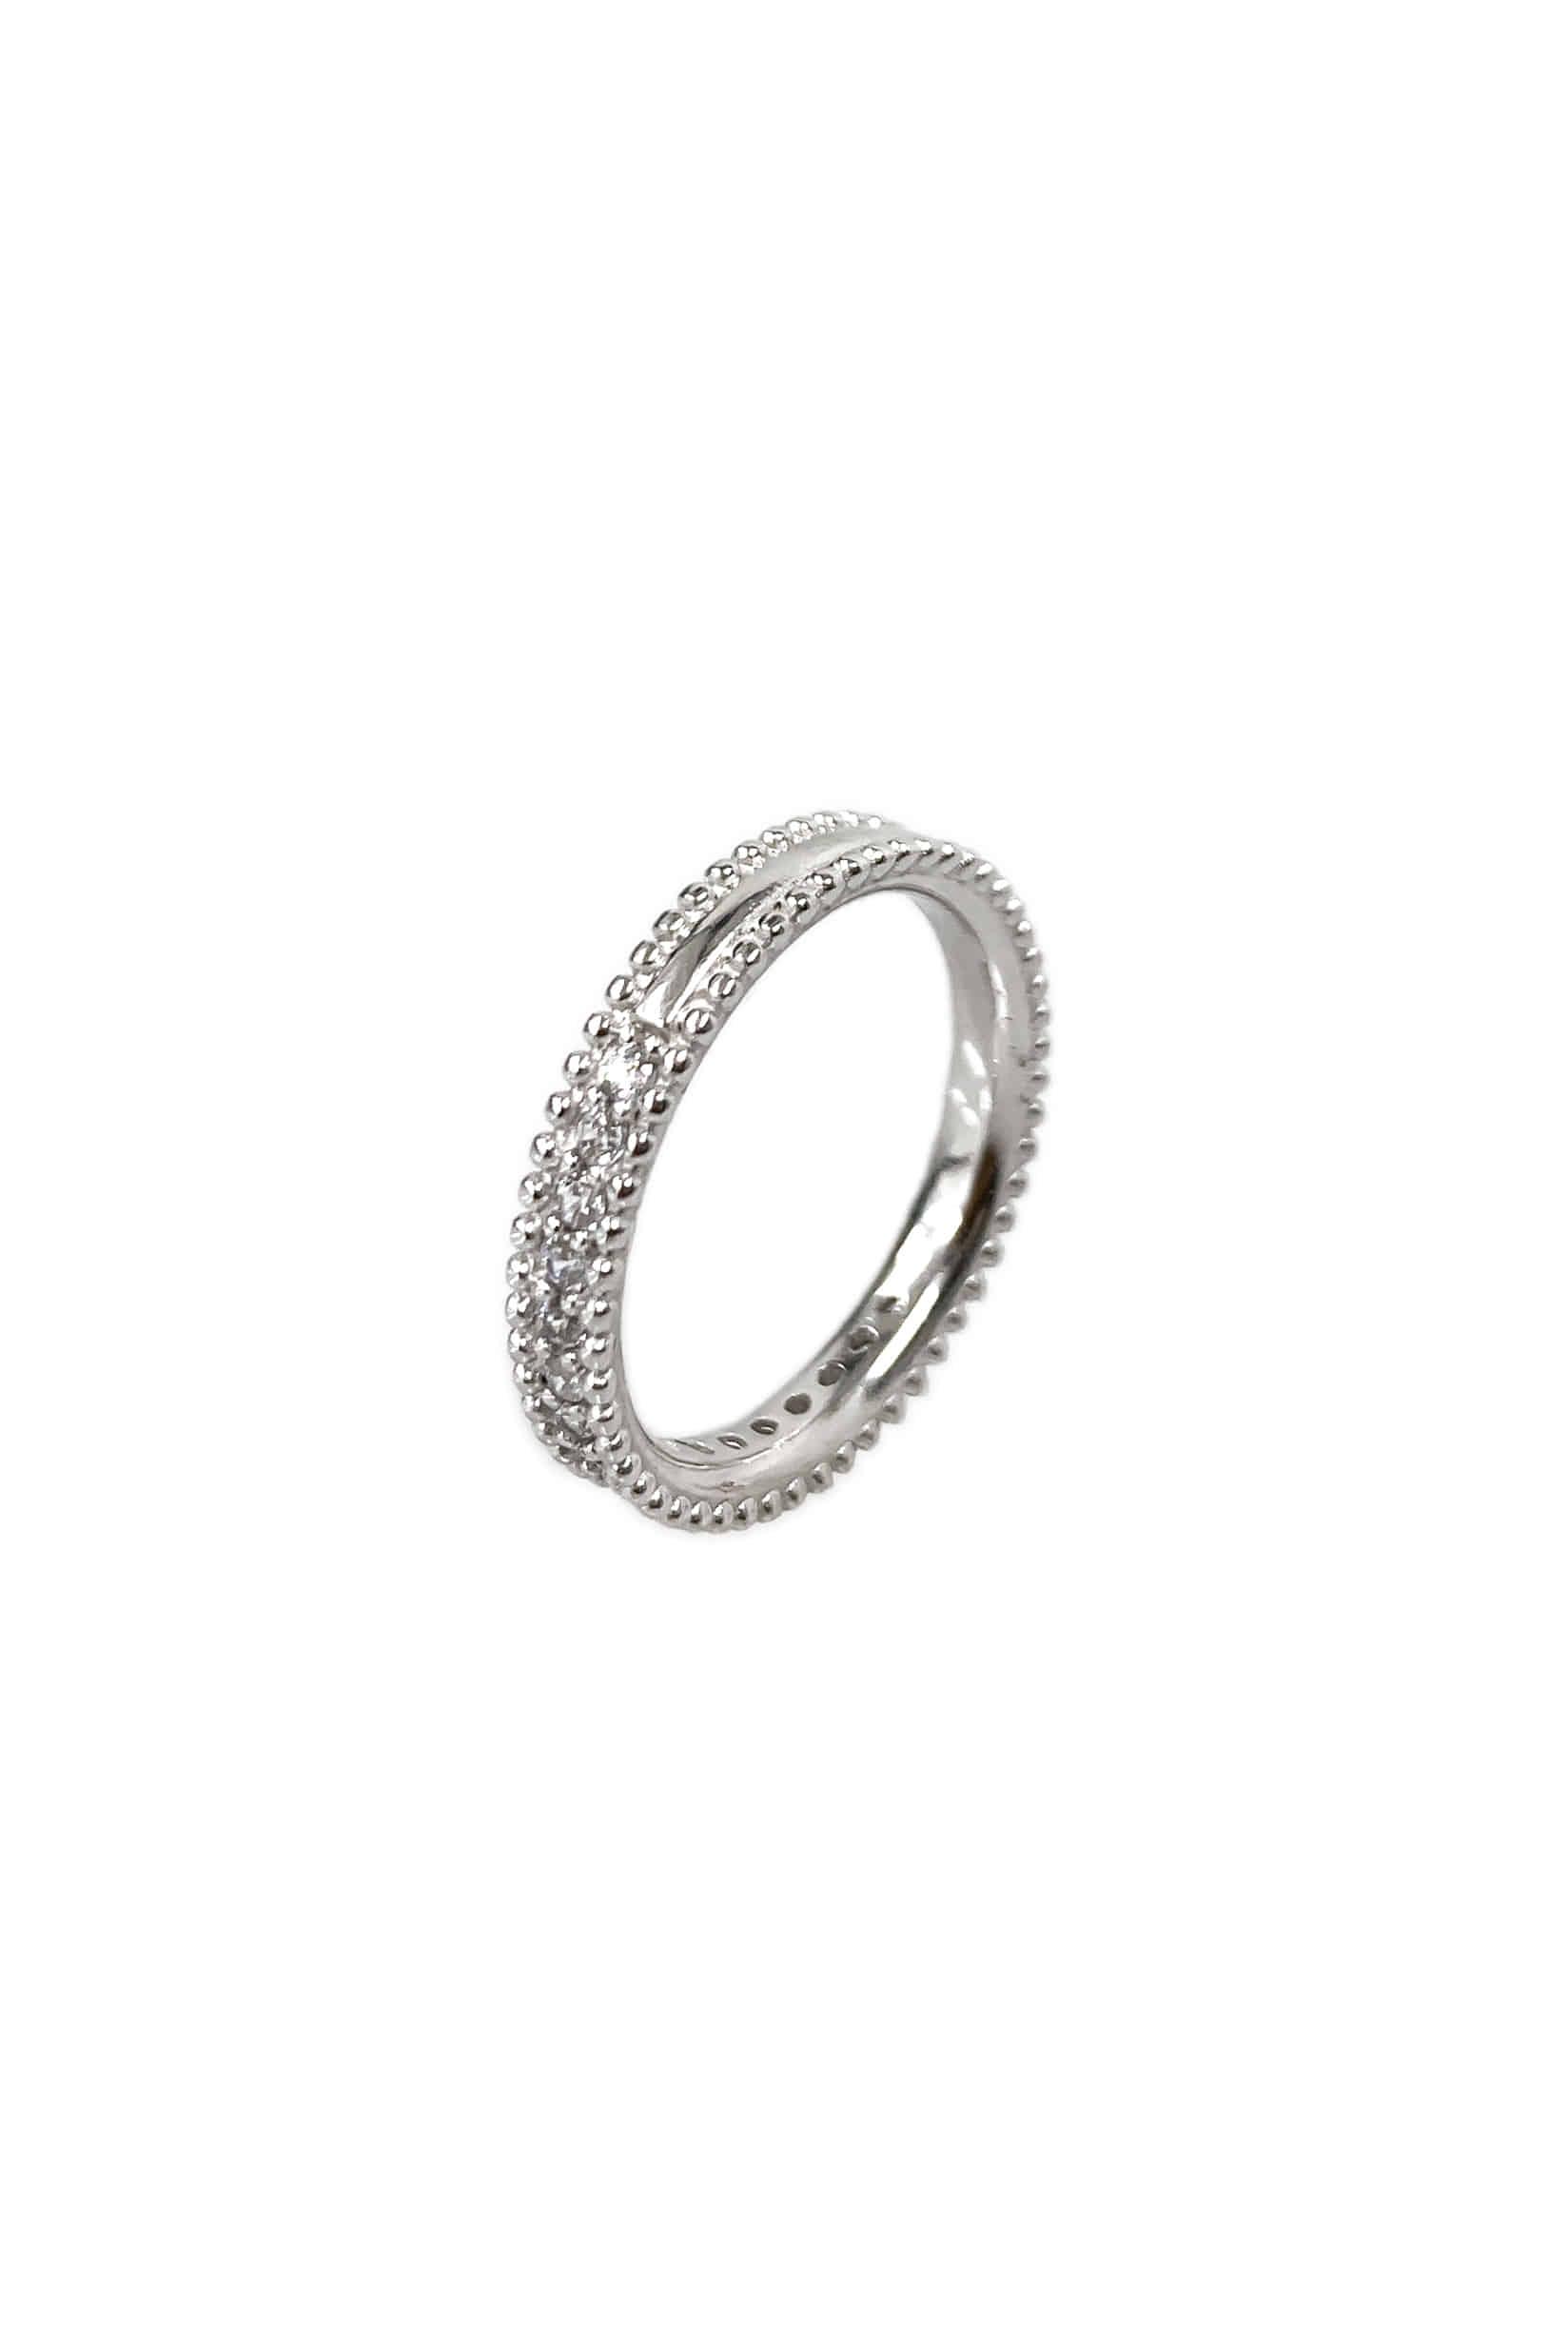 [silver925] 가드너 하프 큐빅 반지